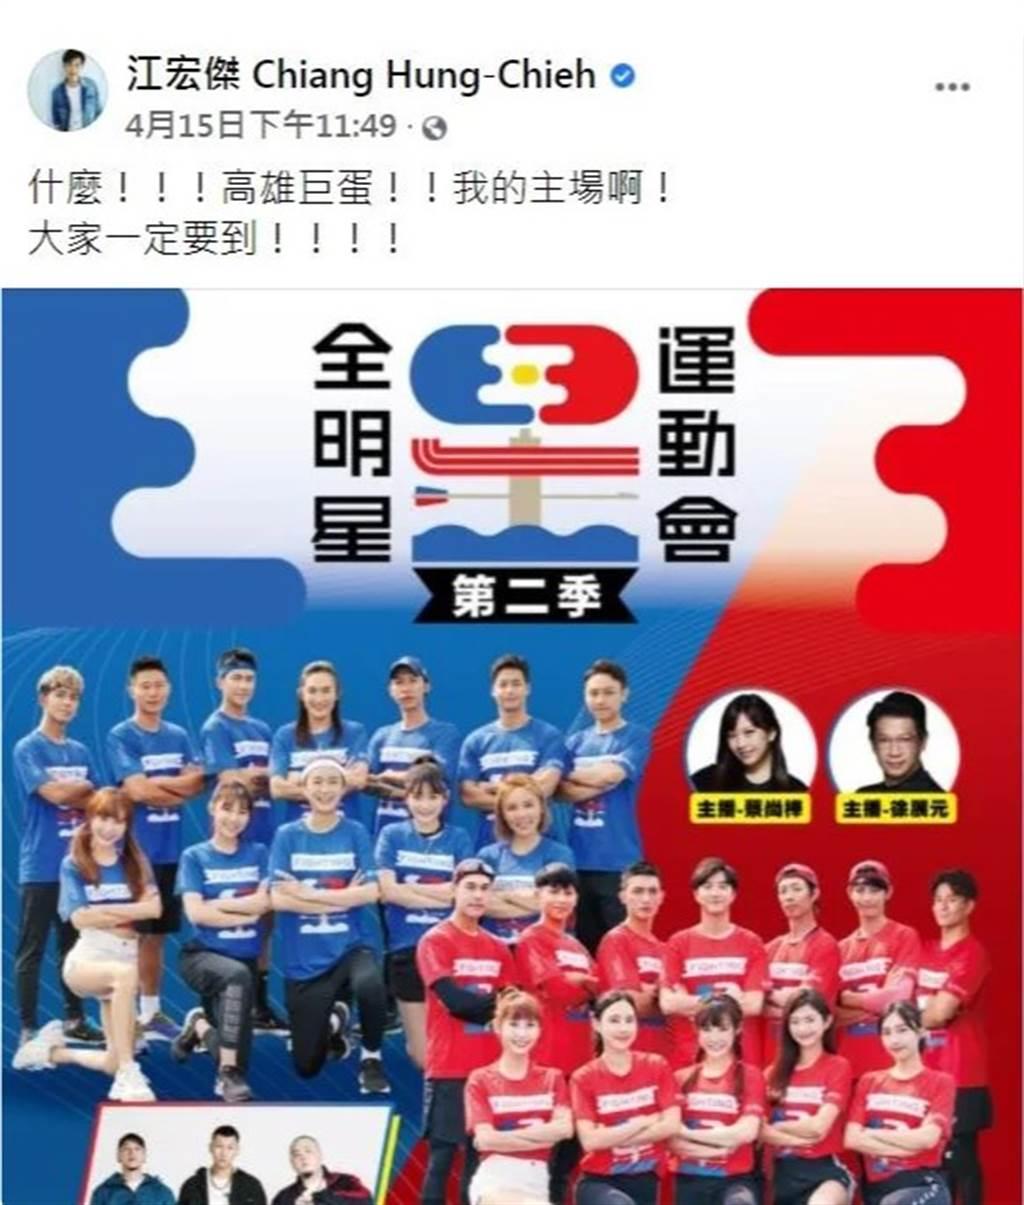 江宏傑轉PO《全明星運動會》總決賽資訊,但目前該海報被下架。(圖/FB@江宏傑)